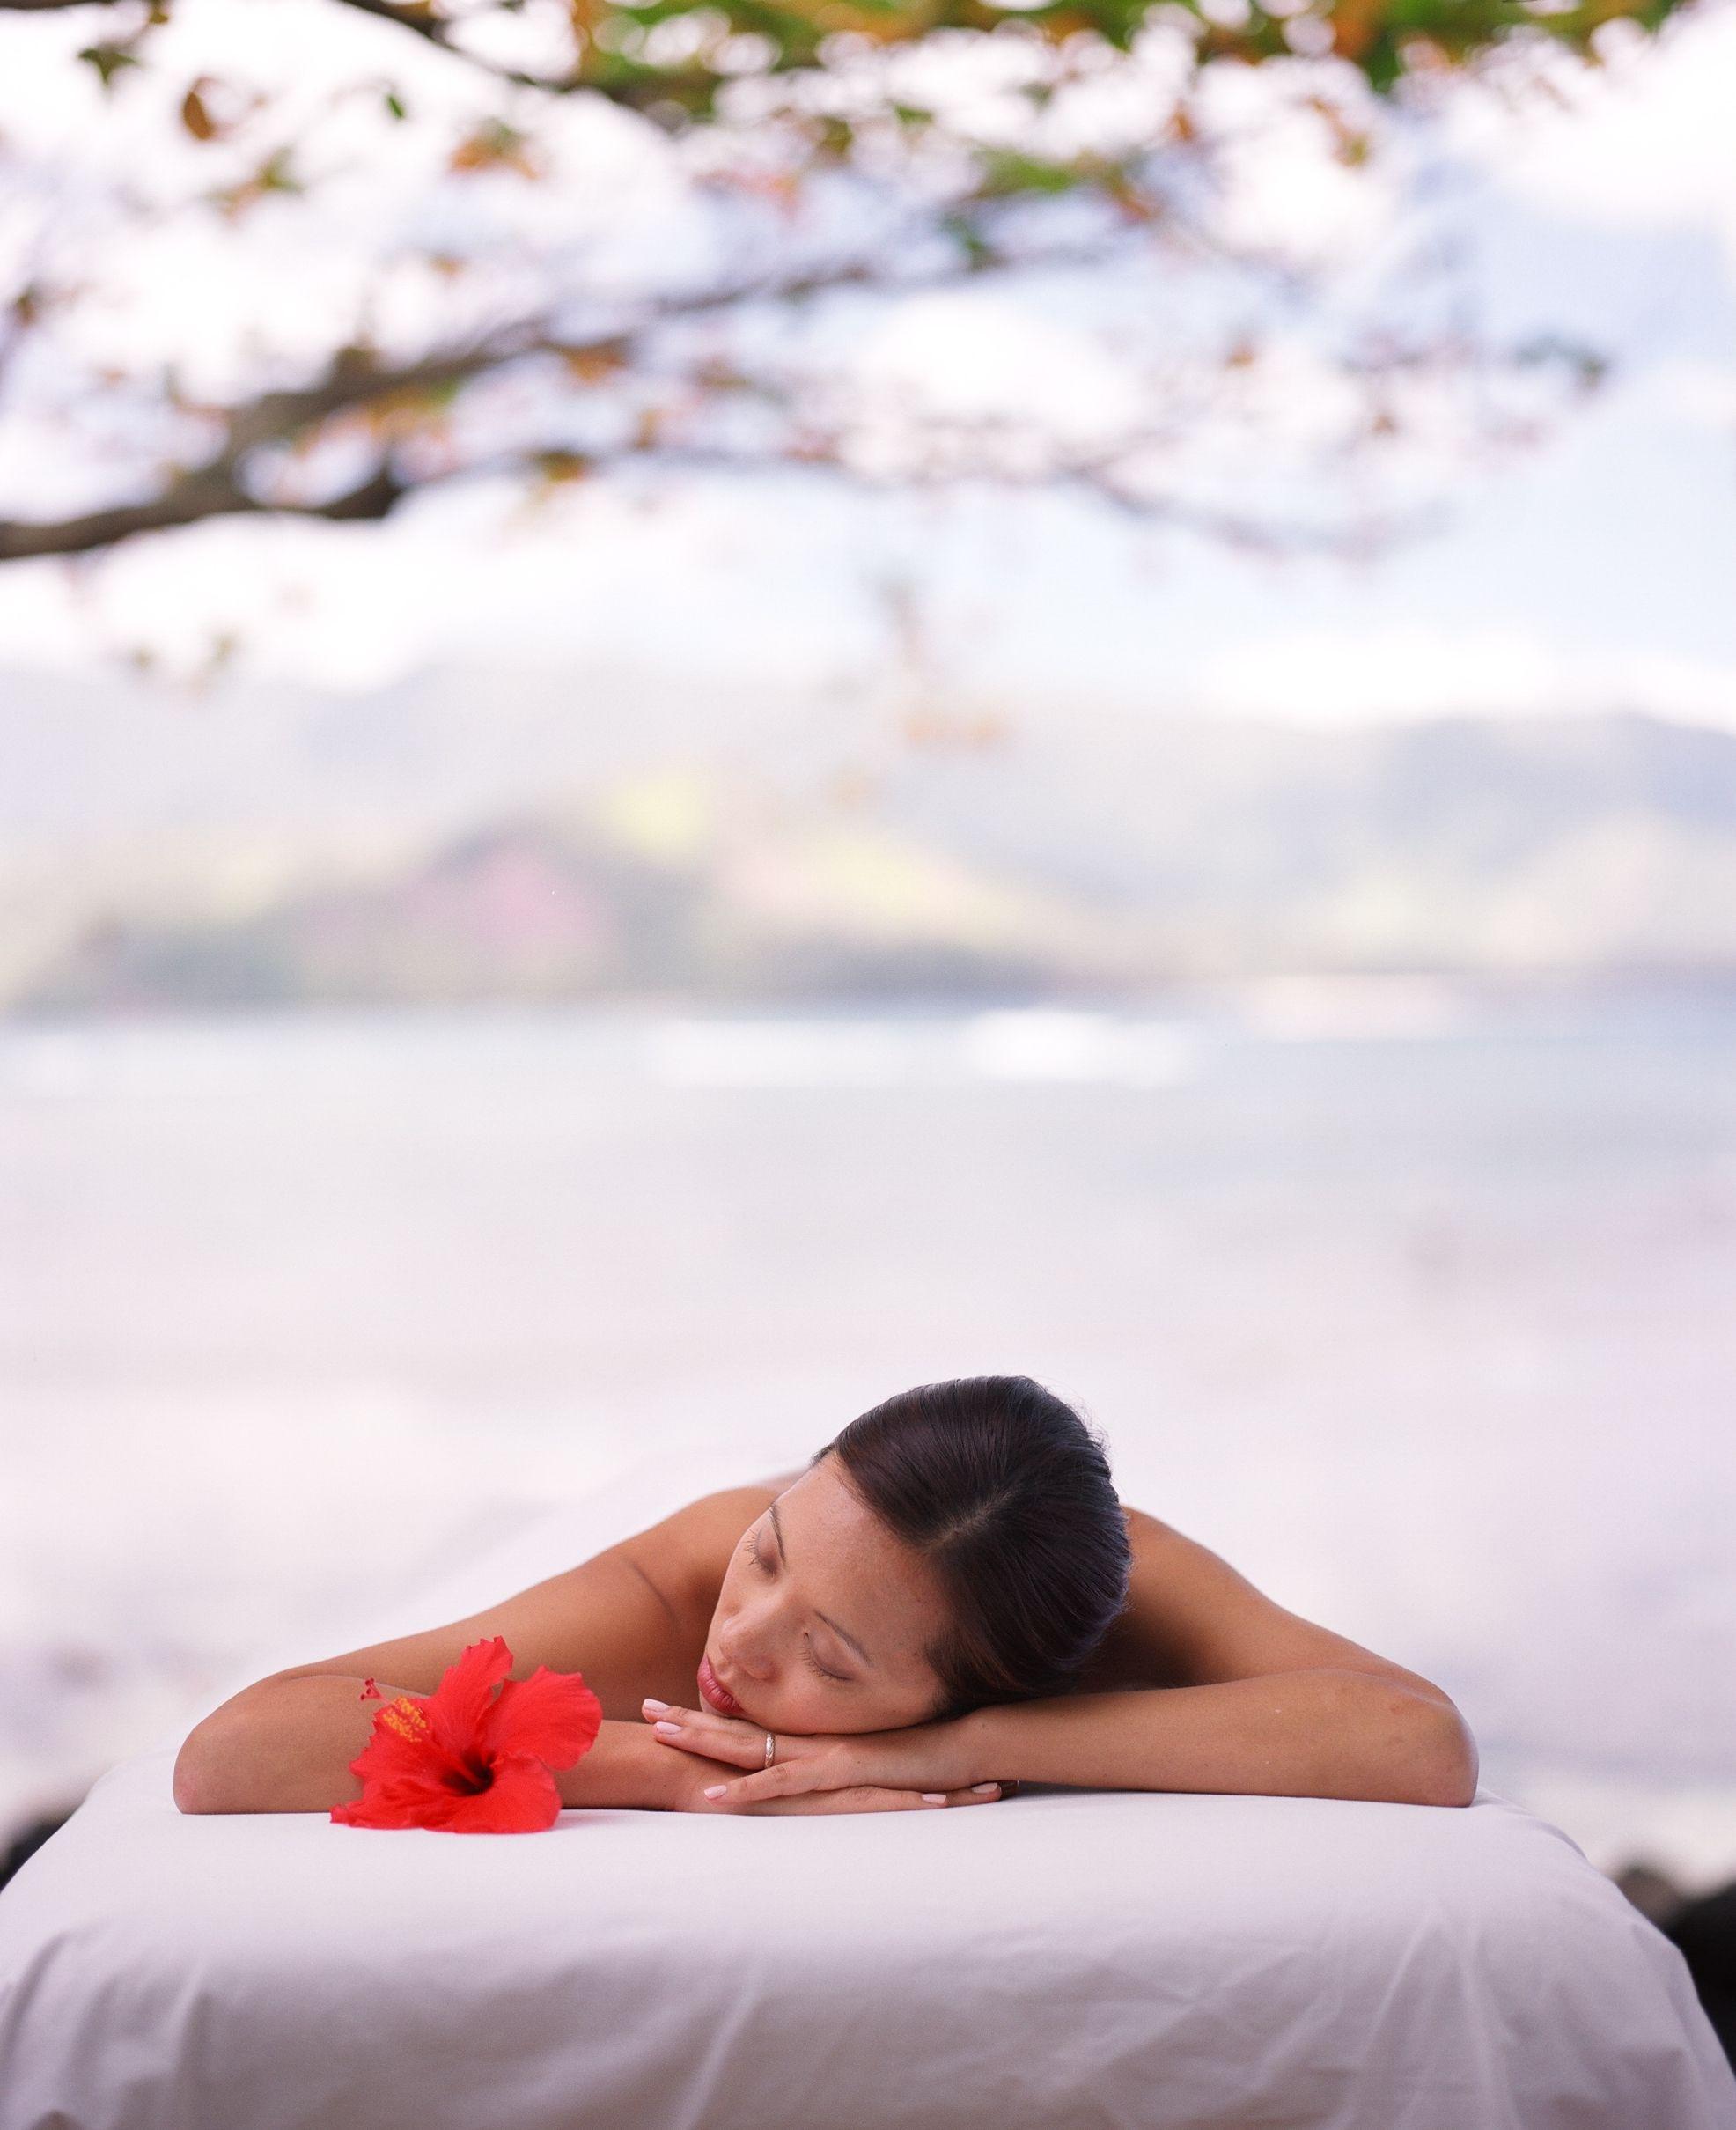 Kauai spa beachside massage i would love to have a lomi